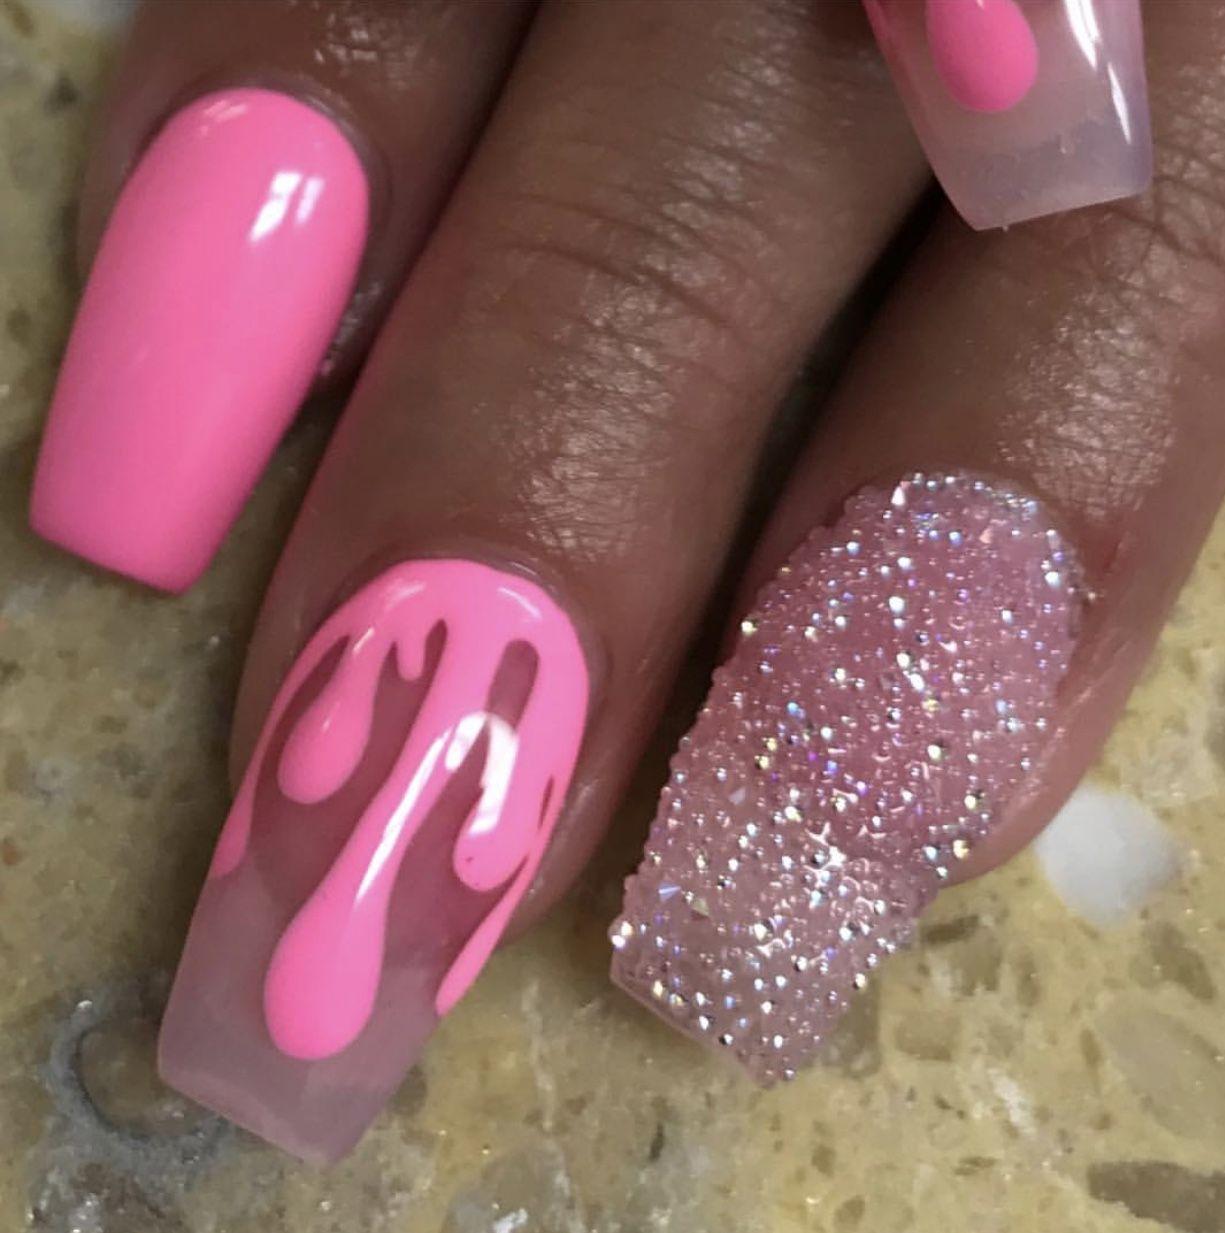 Pin by tianah on polished pinterest nail nail